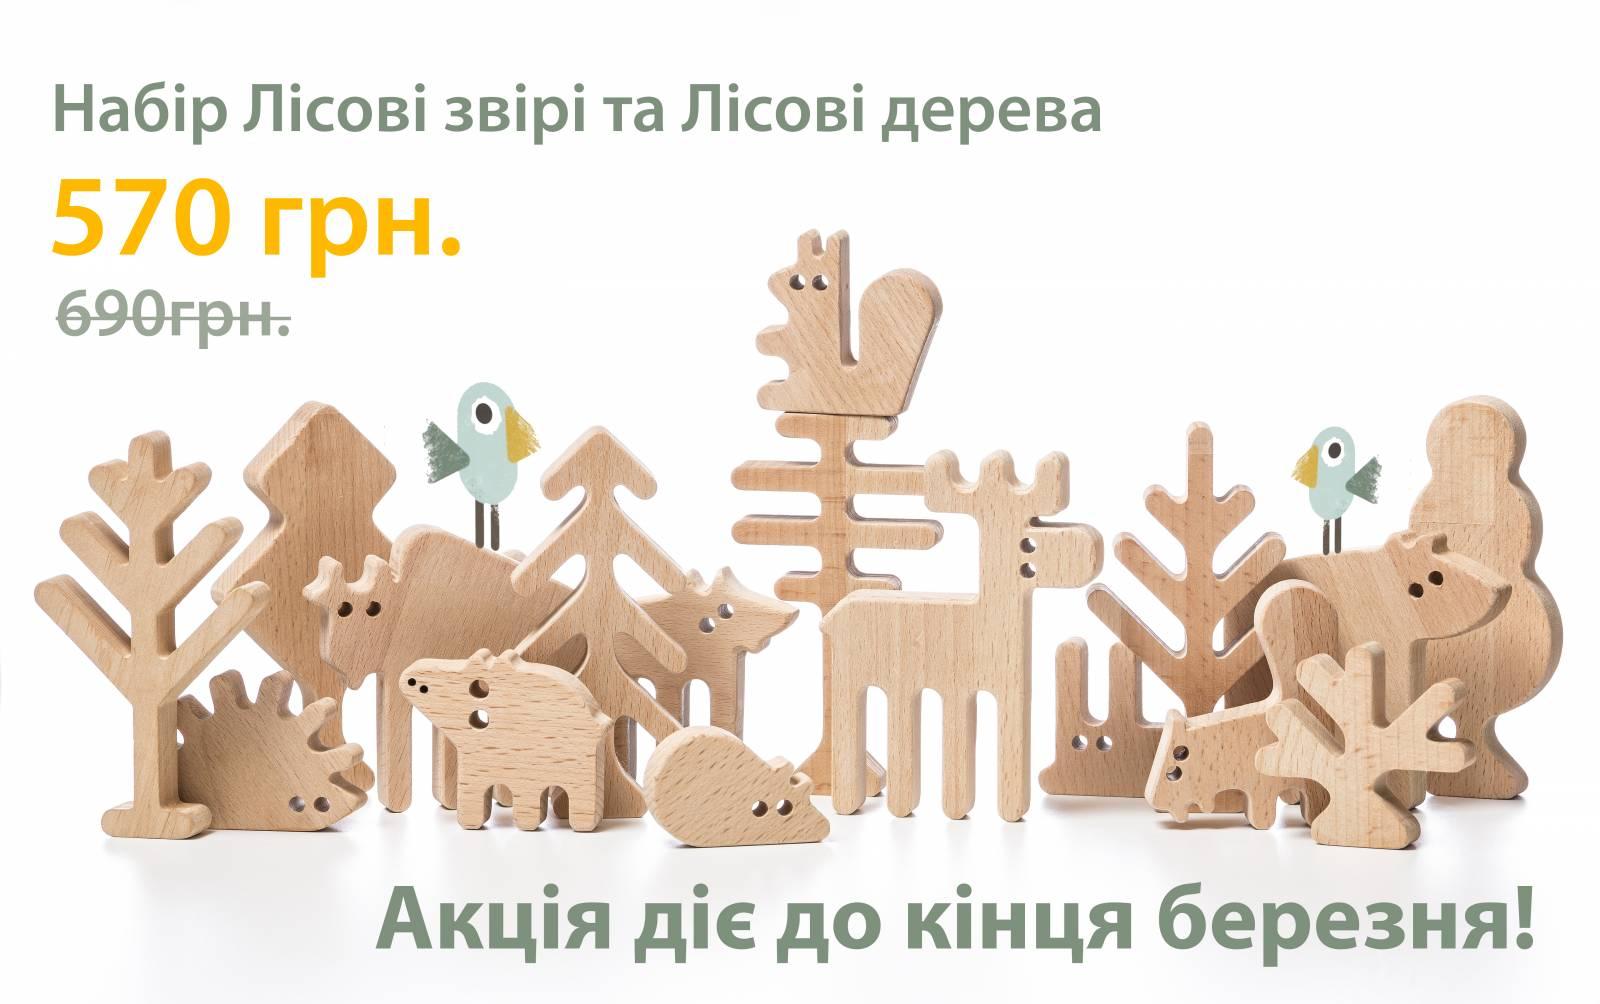 Набір Лісові звірі та Лісові Дерева